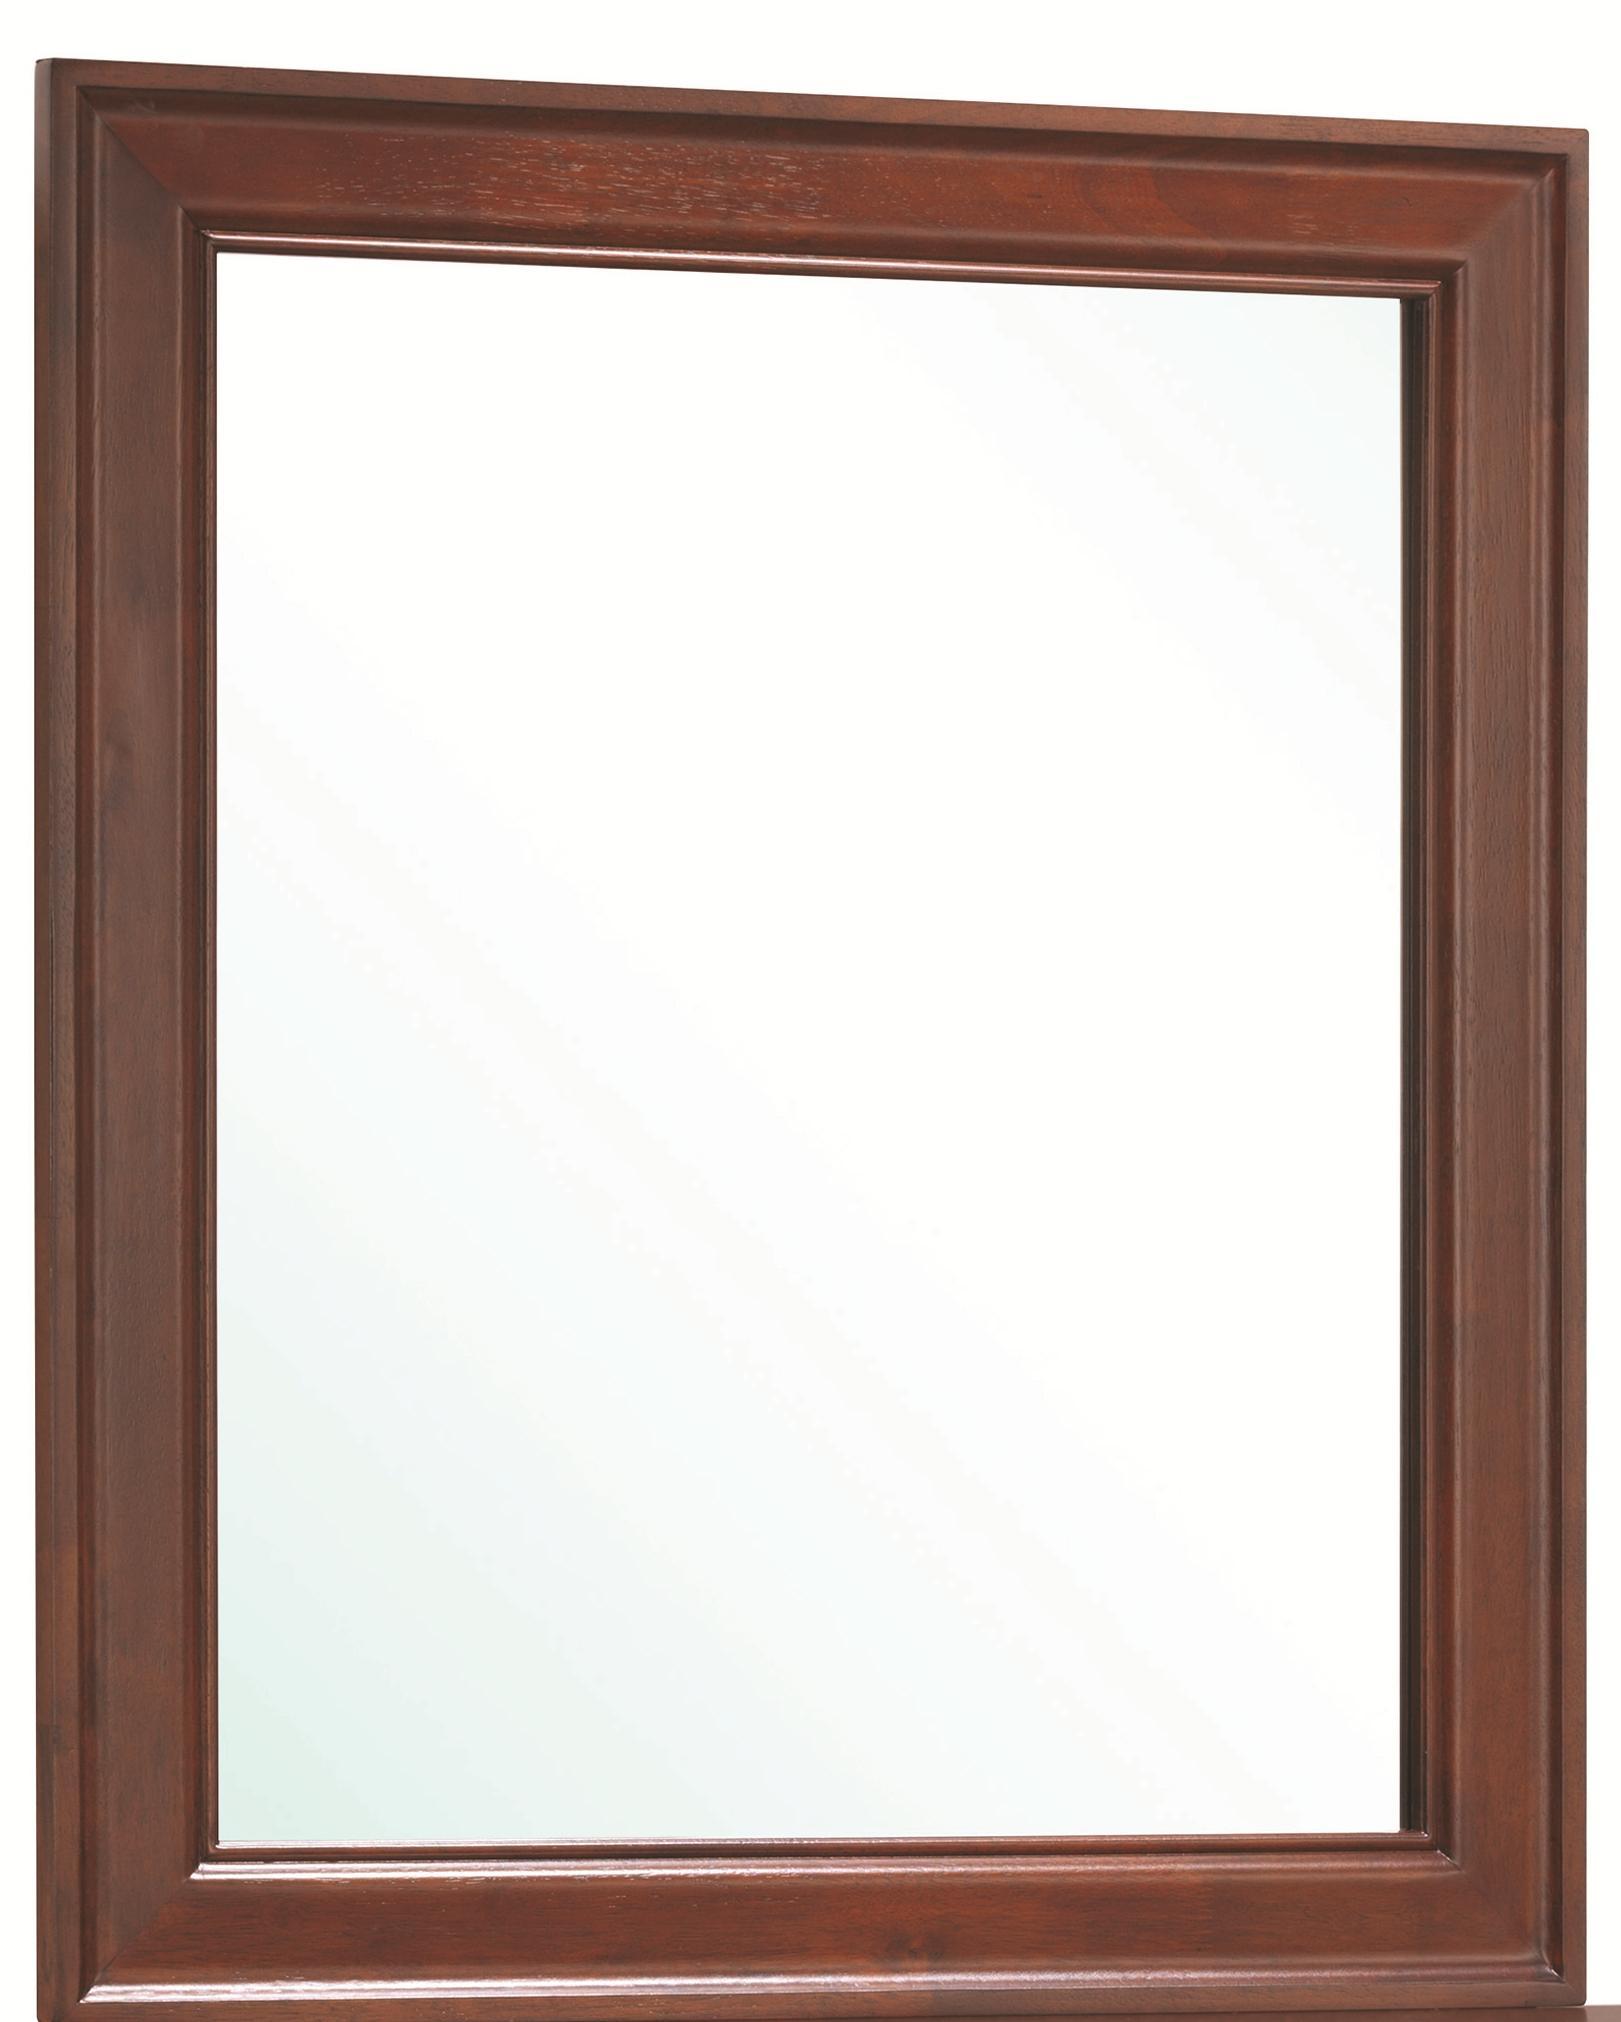 Coaster Louis Philippe Mirror - Item Number: 200434